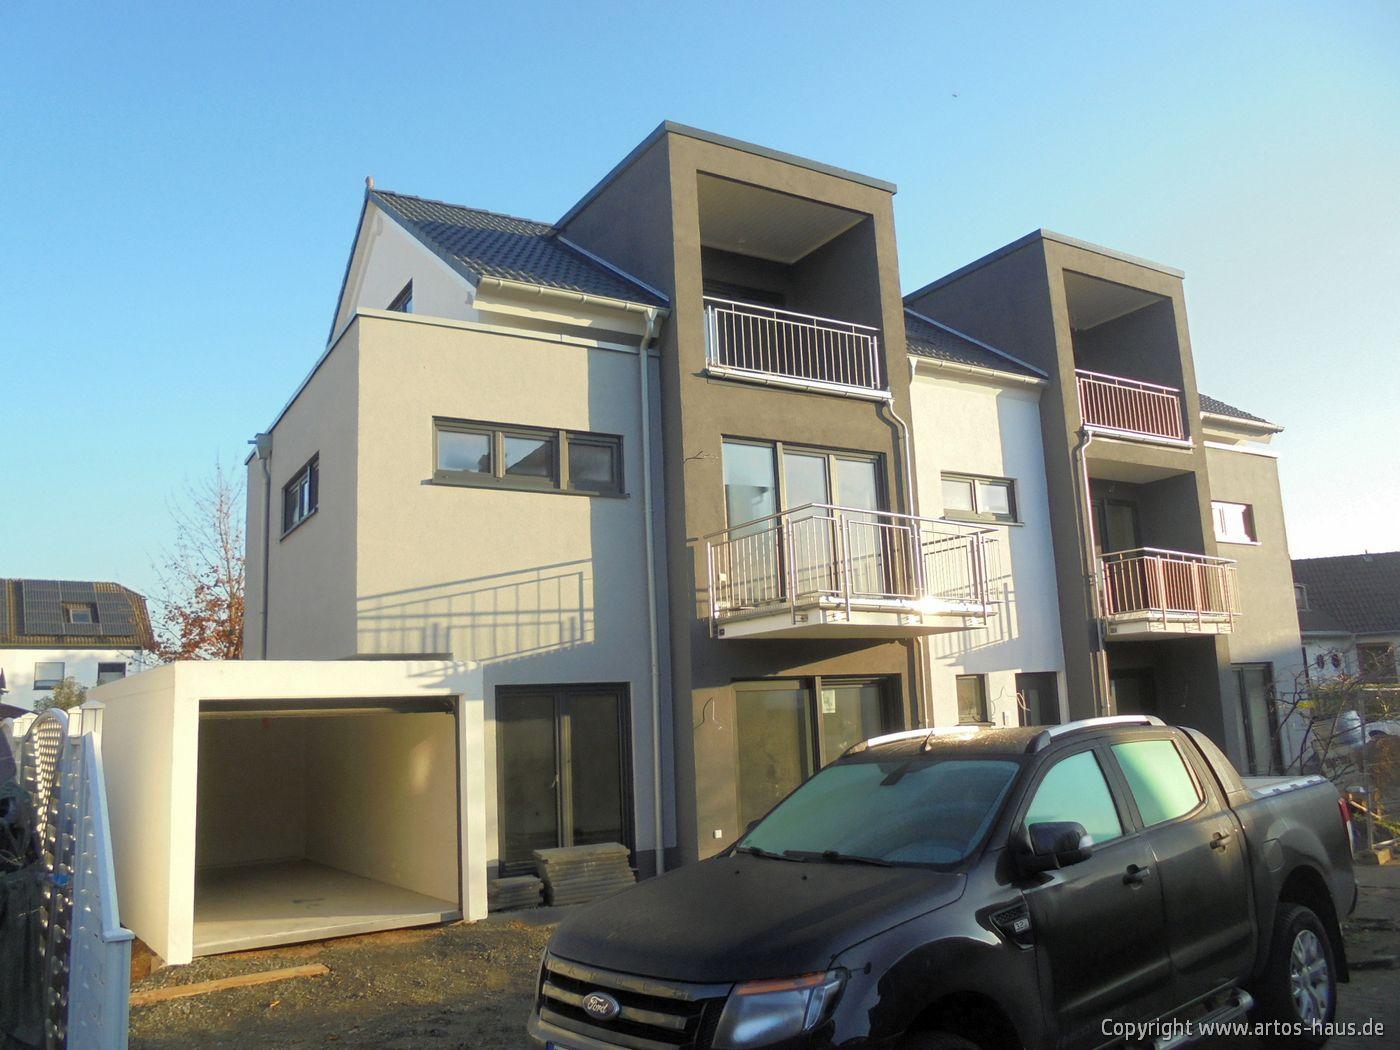 Mehrfamilienhaus in Pulheim. 2020 massiv gebaut von ARTOS HAUS, Bild 2